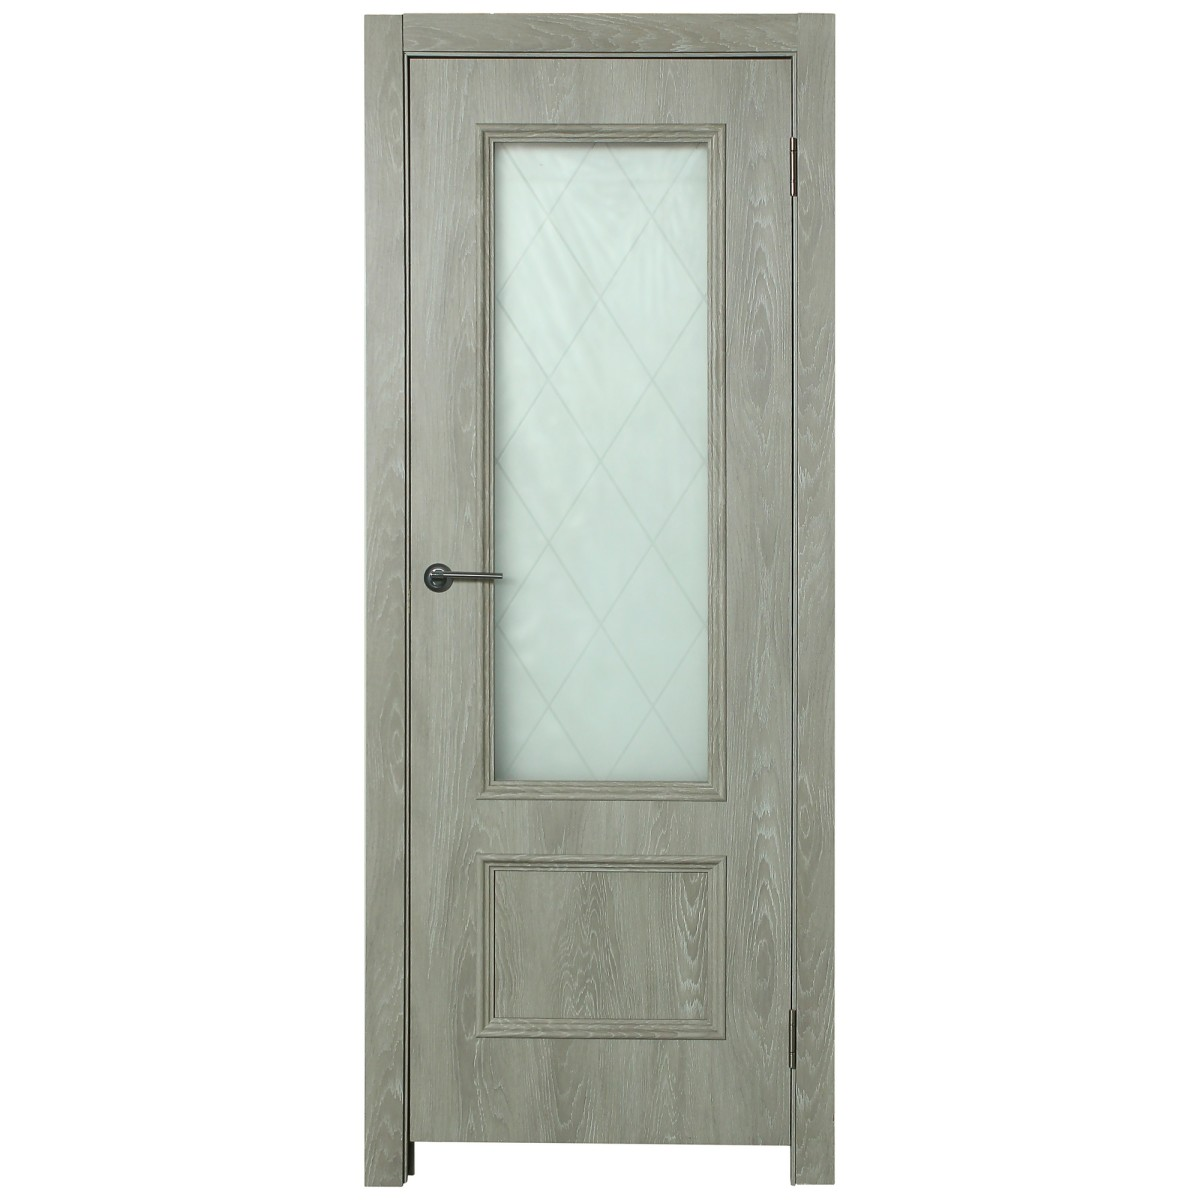 Дверь Межкомнатная Остеклённая Престиж 60x200 Цвет Дуб